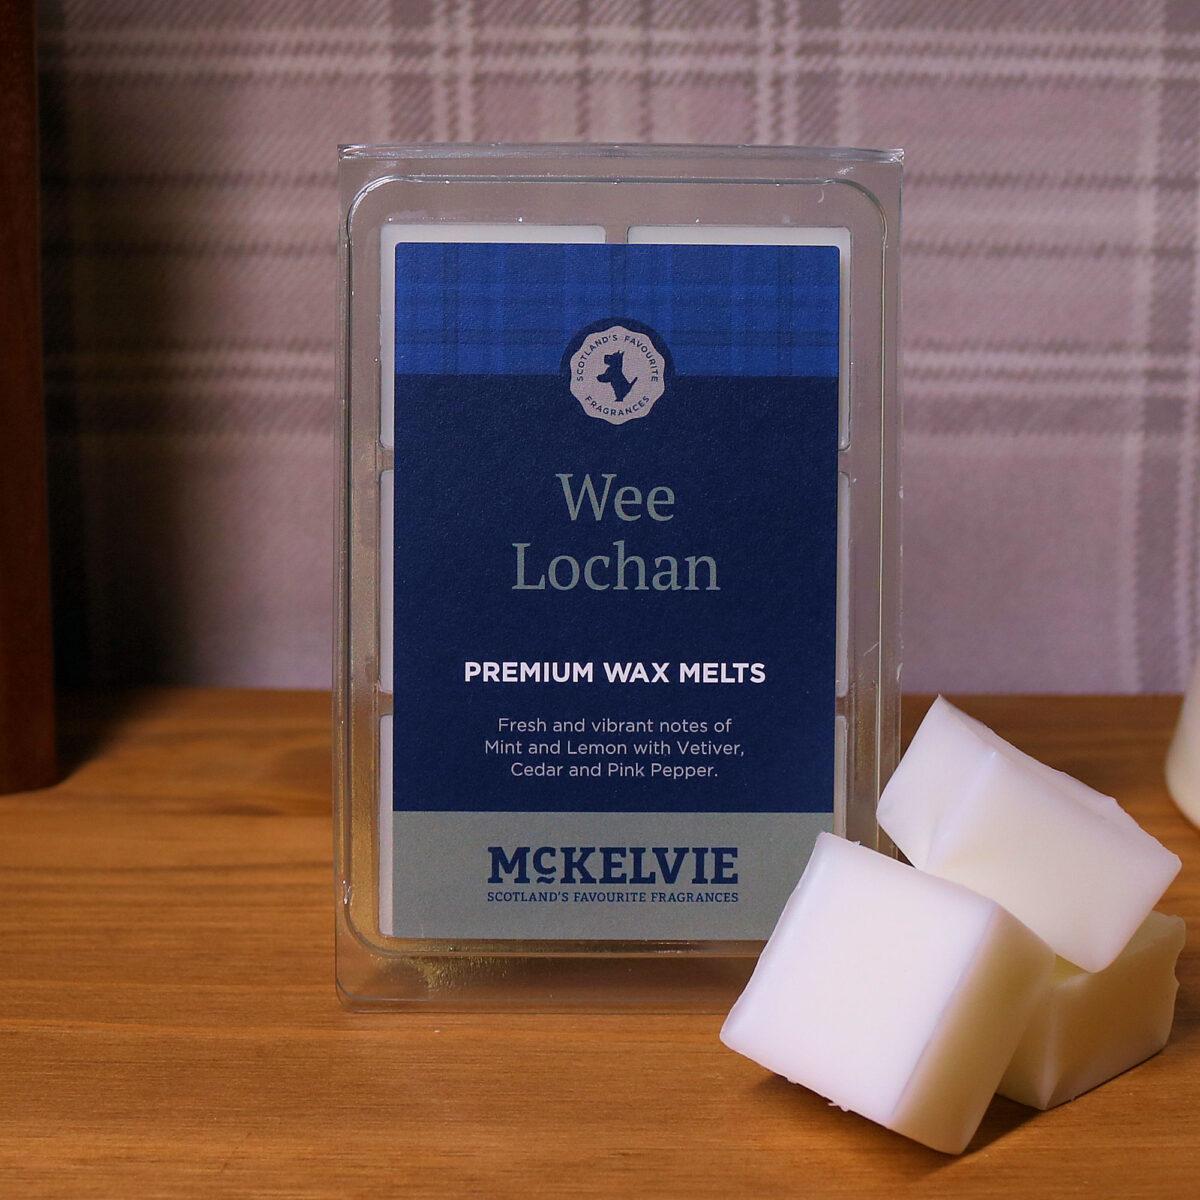 Wee Lochan Wax Melts